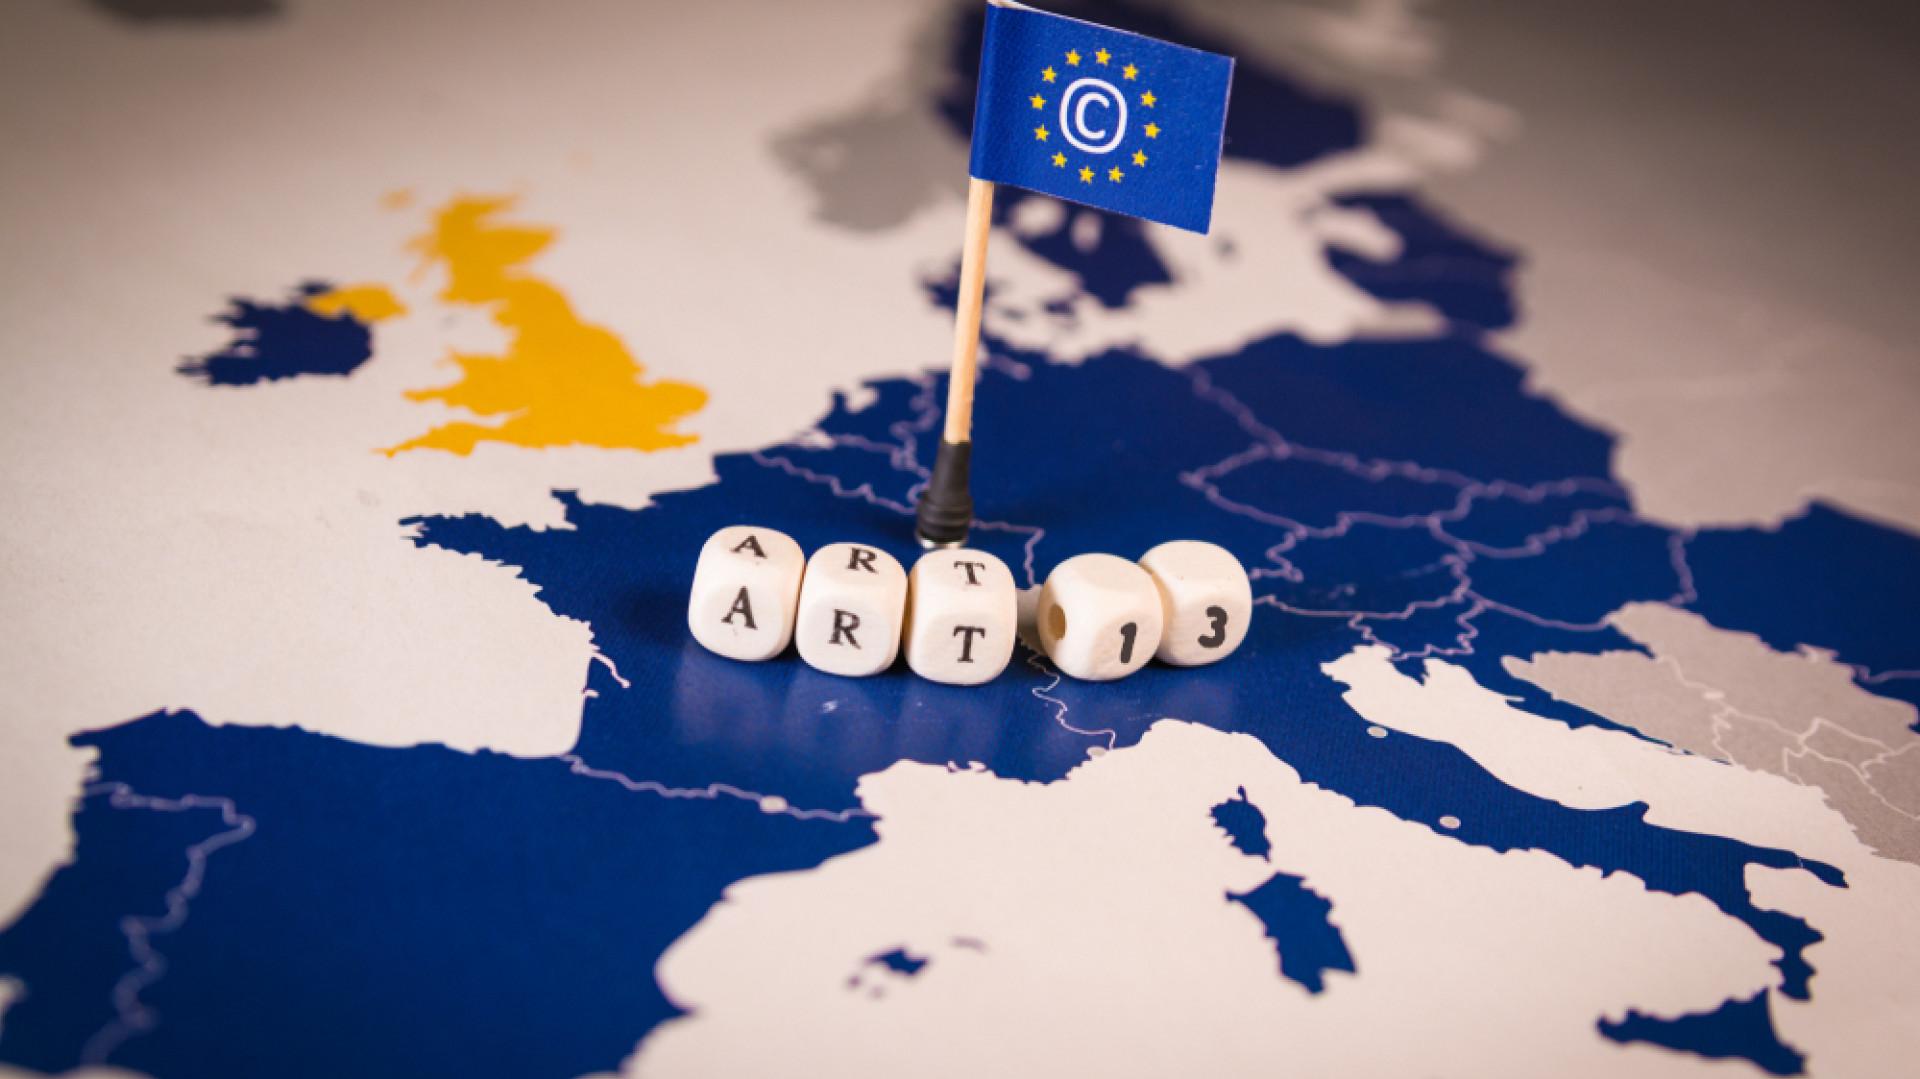 EU-Copyright, Artikel 13 und Upload-Filter: Barley verteidigt Ja zur EU-Reform   heise online